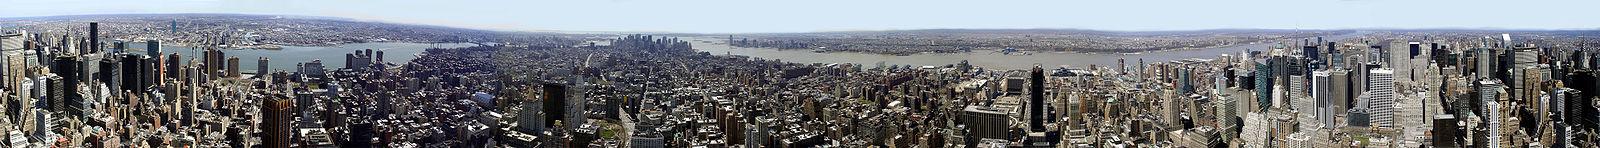 Vue panoramique de Manhattan prise à partir de l'Empire State Building